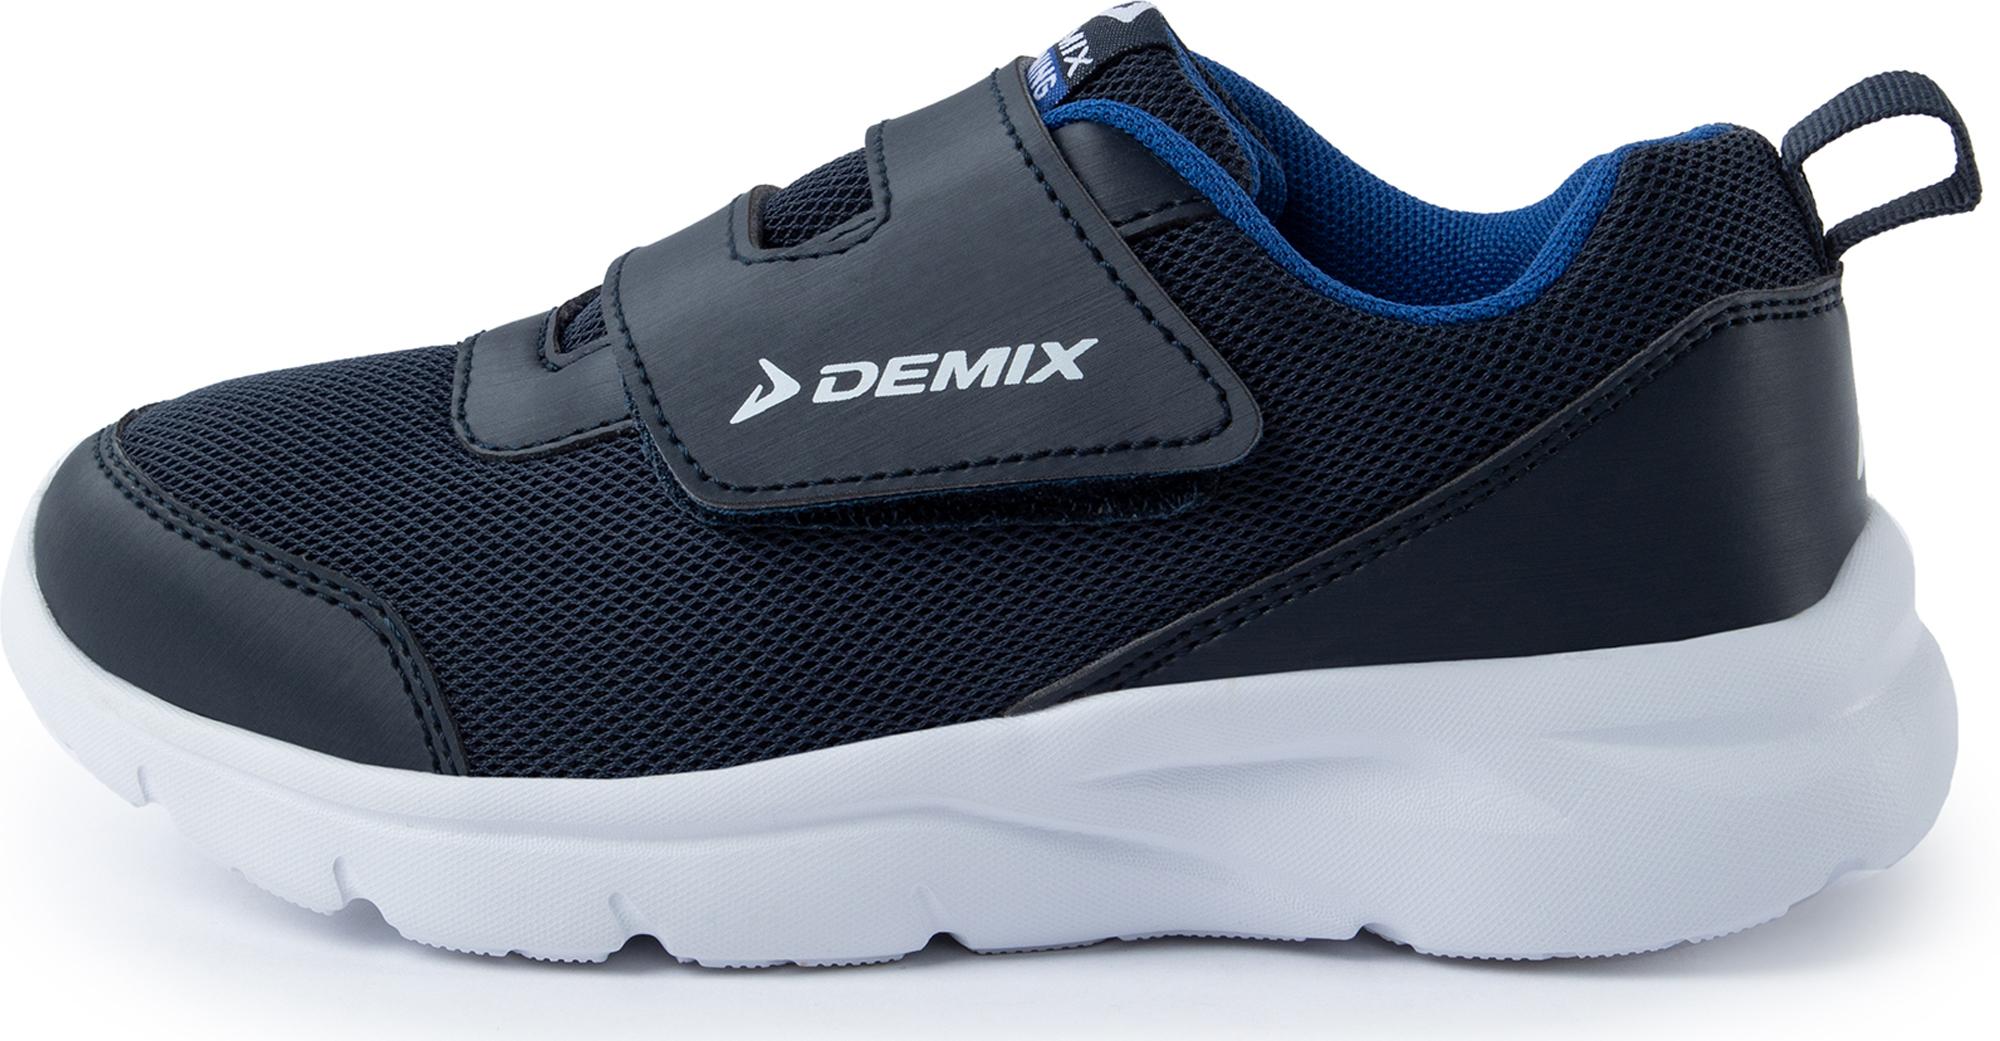 Demix Кроссовки для мальчиков Demix Lider II, размер 29 demix кроссовки для мальчиков demix sport размер 34